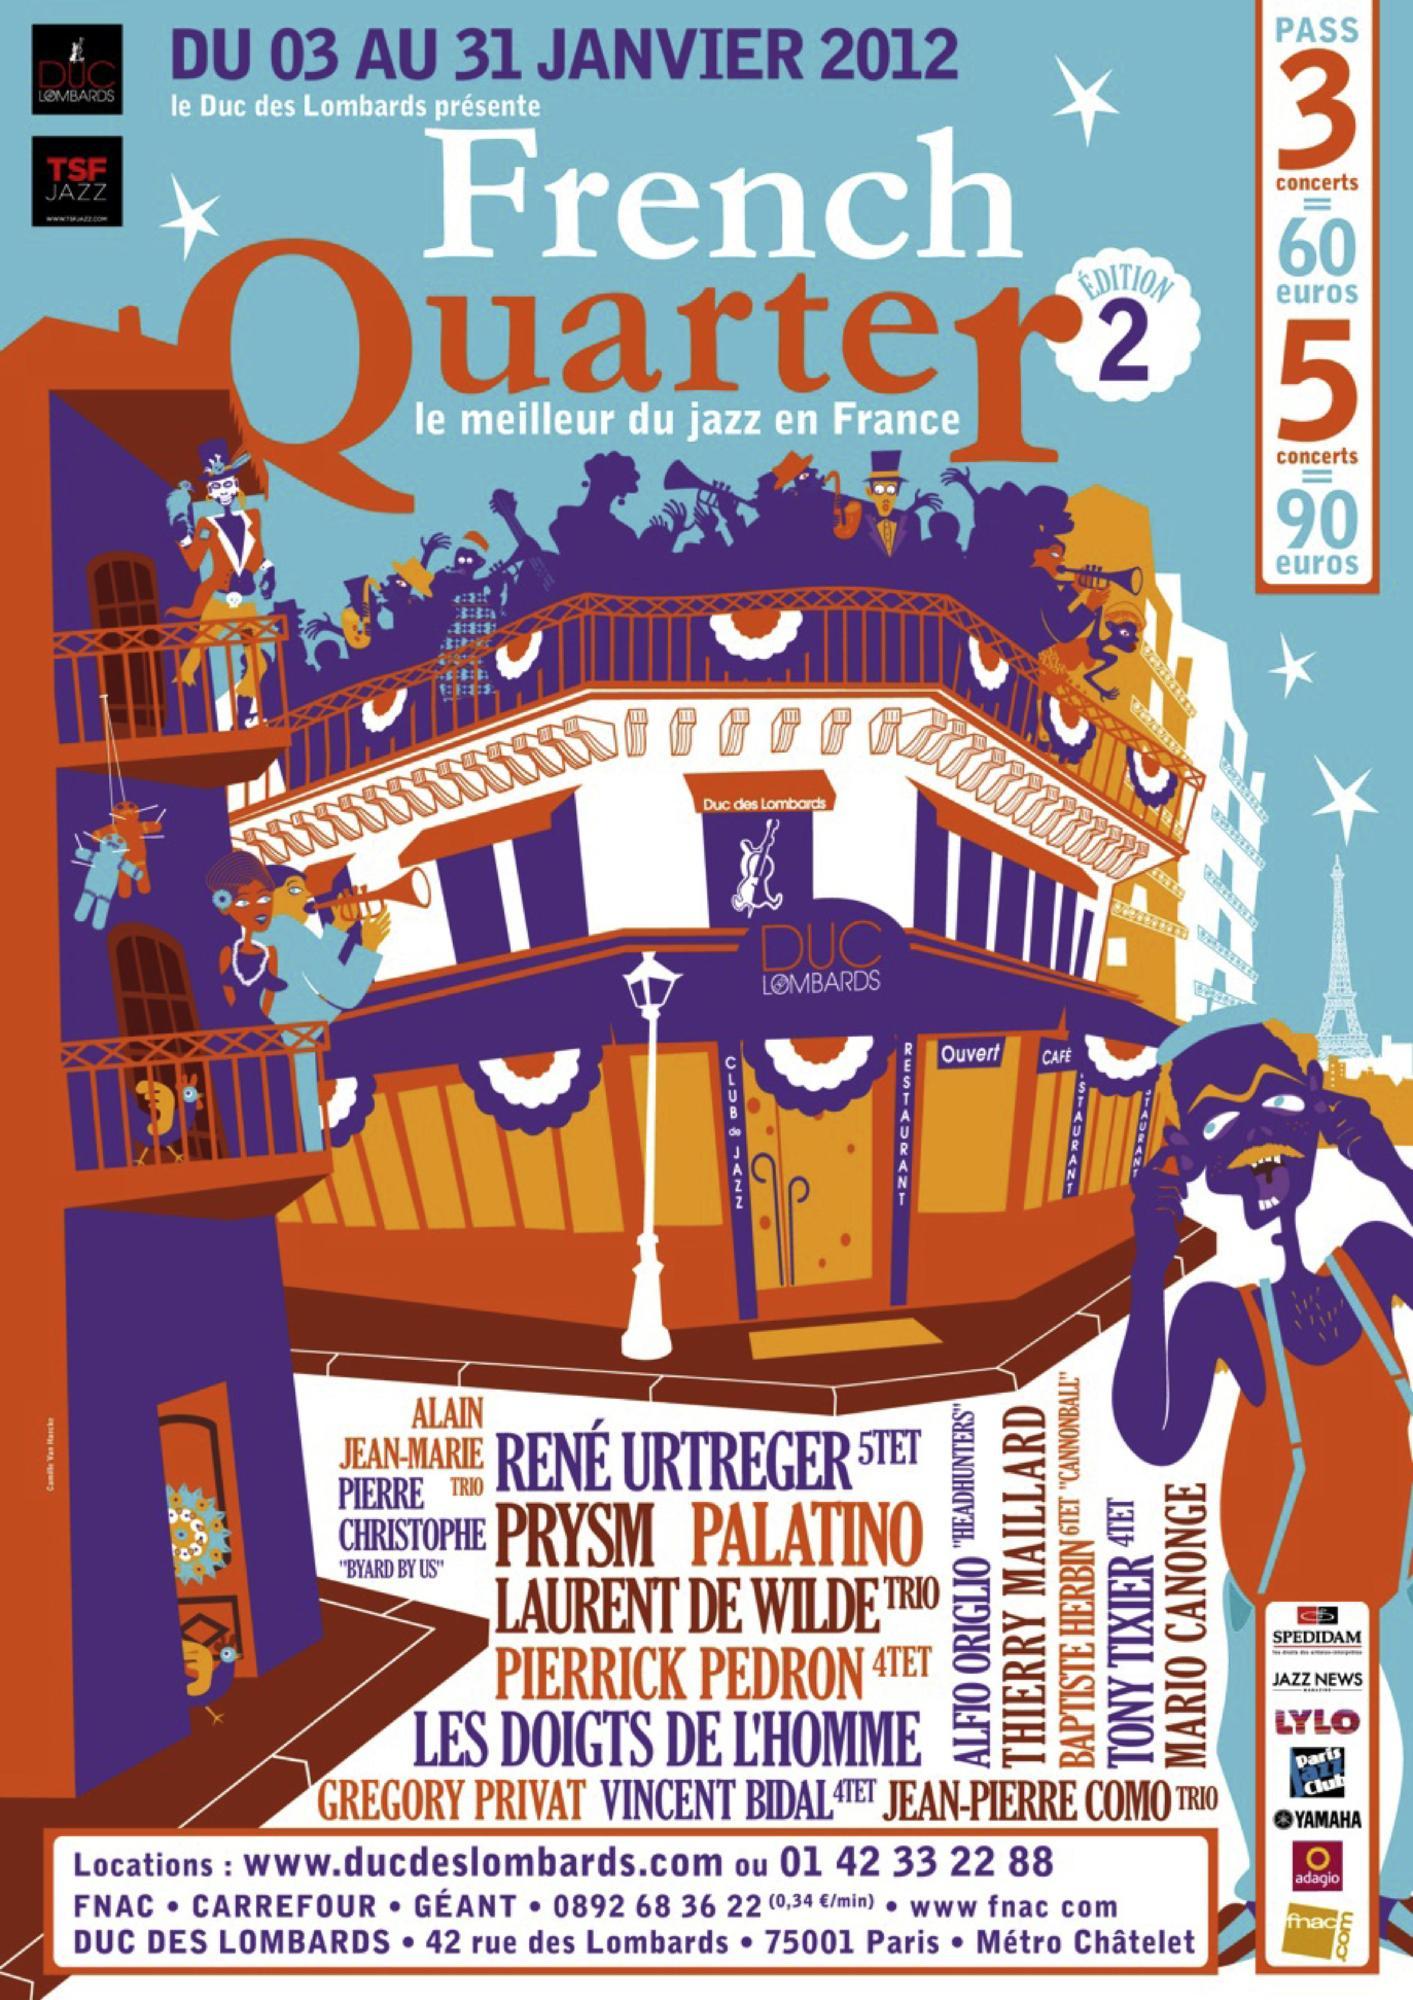 Festival French Quarter